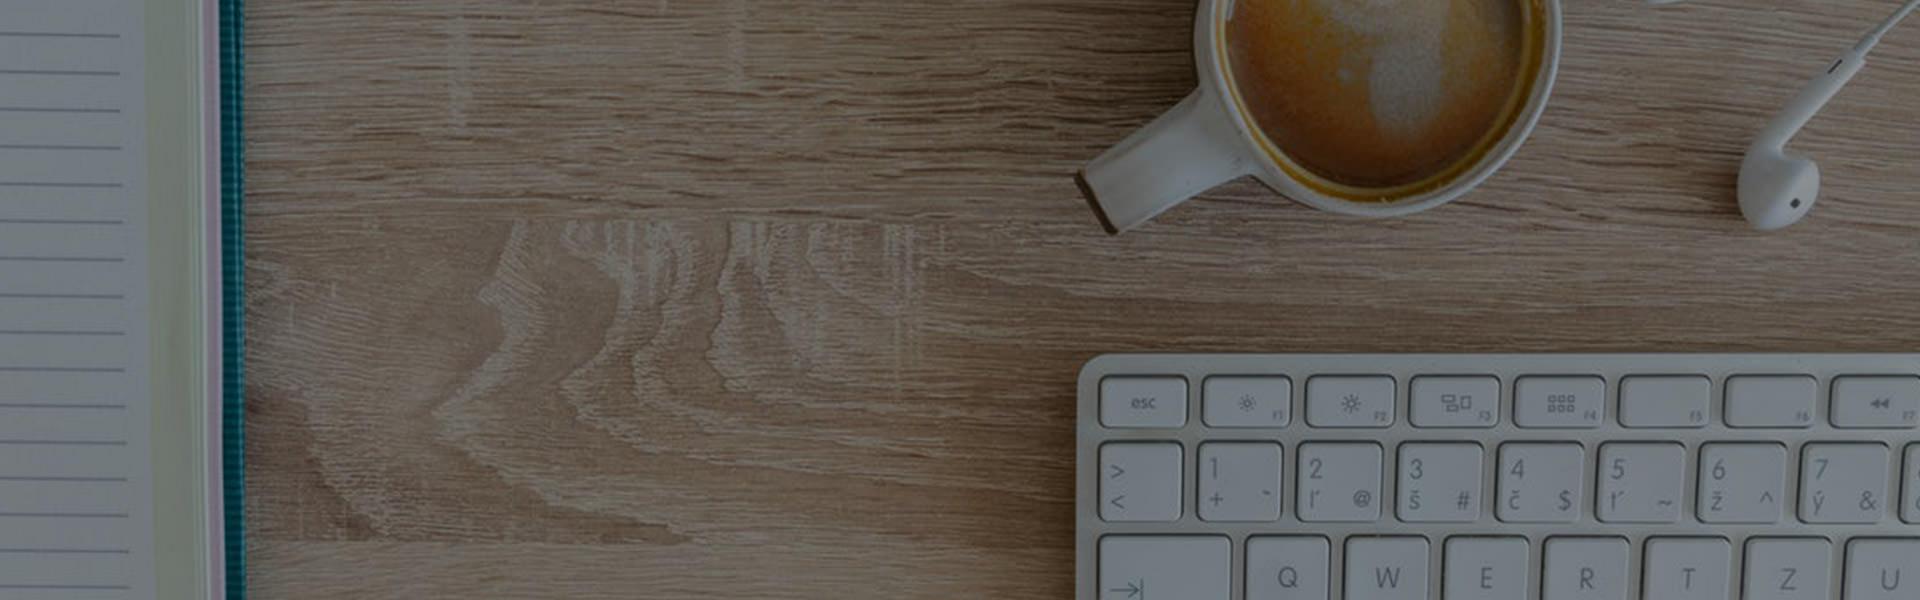 write-an-ebook.jpg